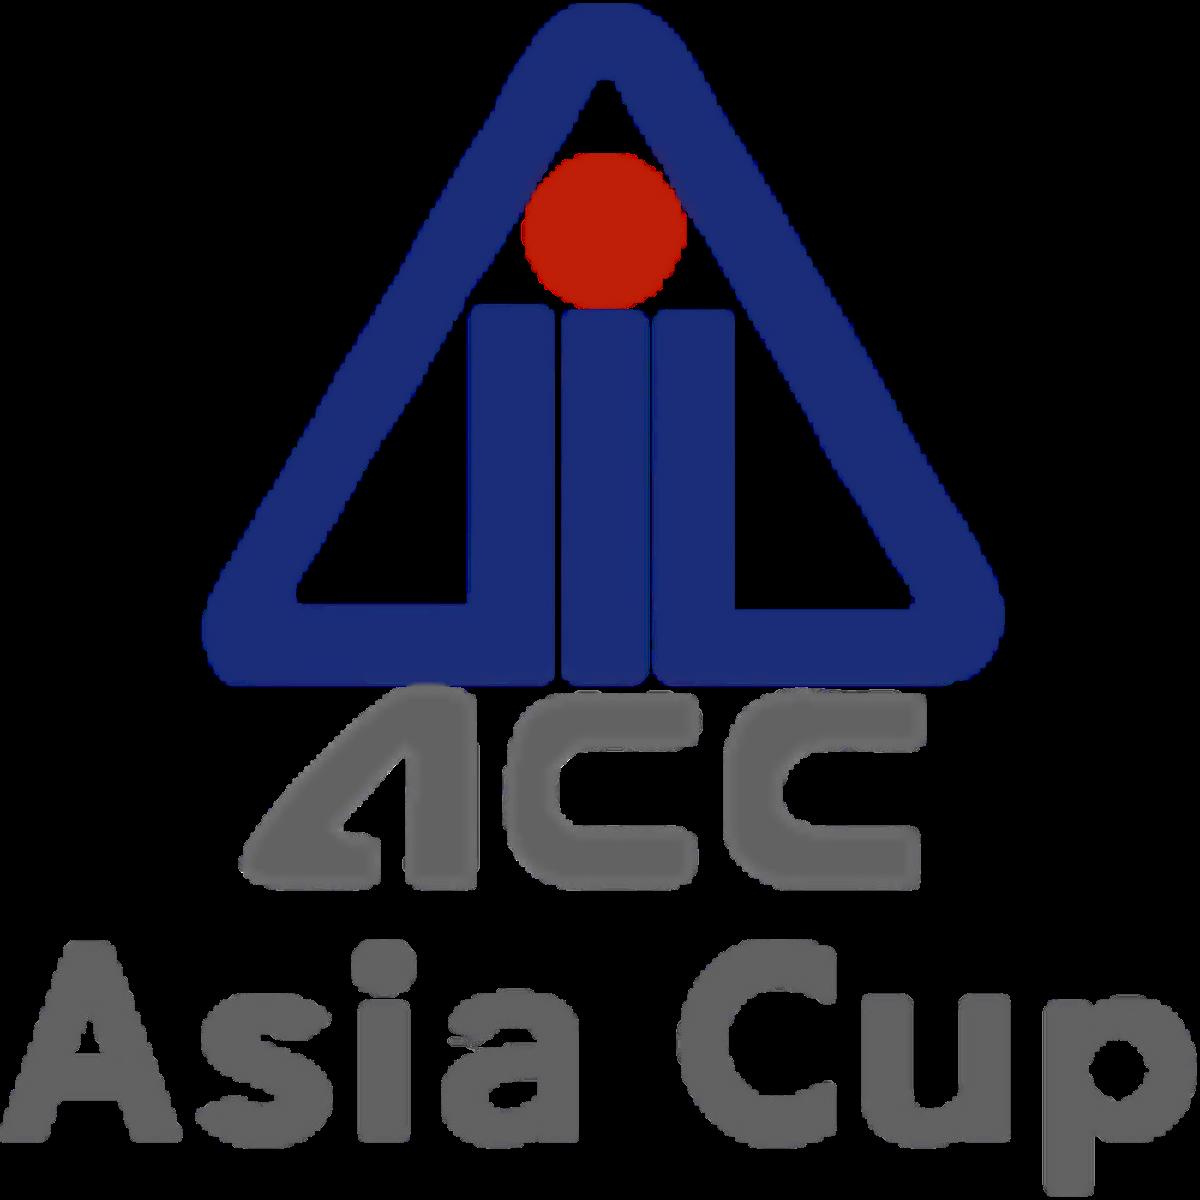 एसिया कपका लागि यू–१९ क्रिकेट टोलीको घोषणा, को को परे टीममा ?